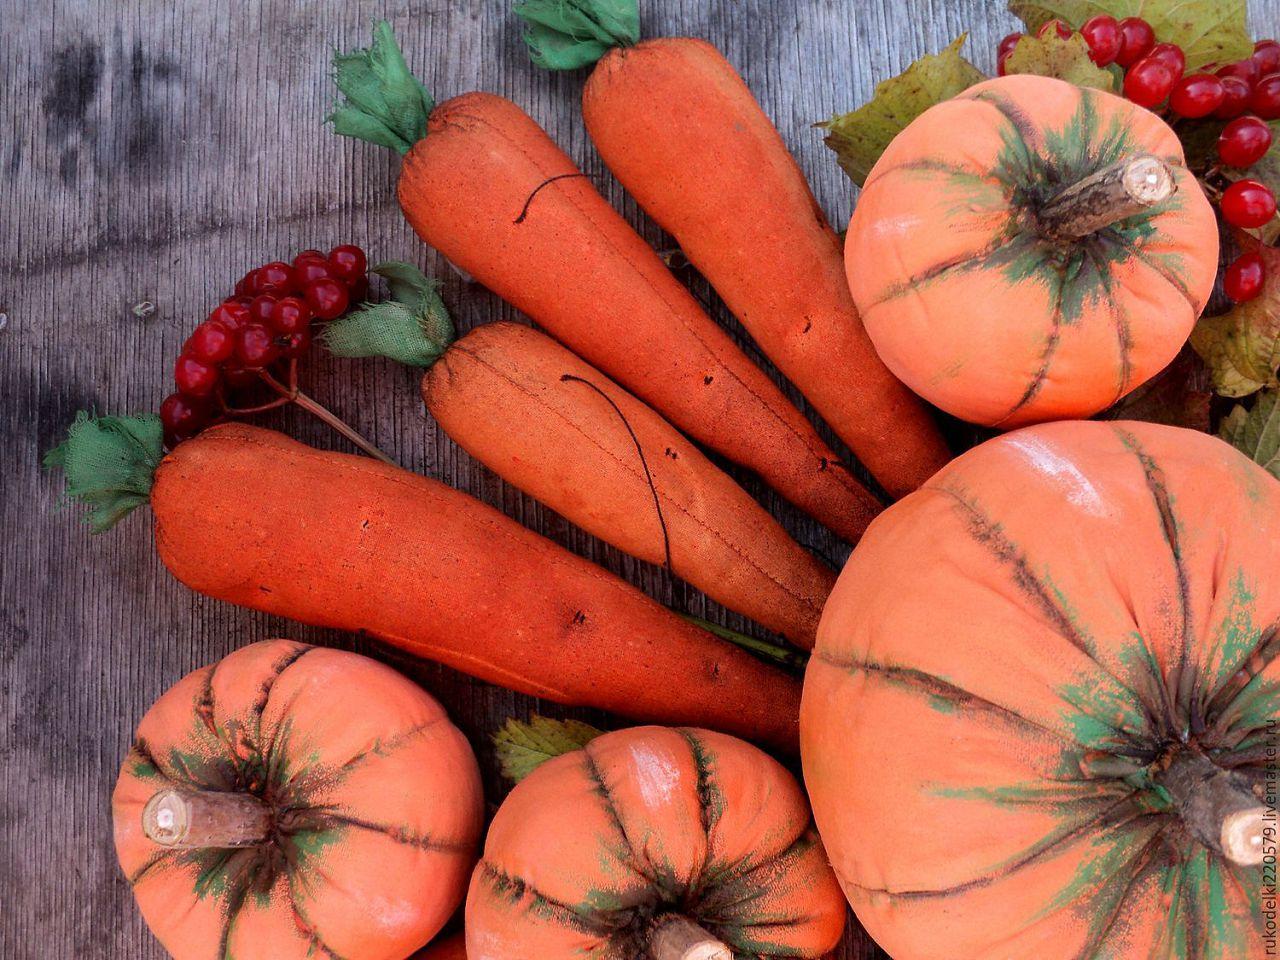 Зимой потребность в сочной пище удовлетворяется тыквой и морковью